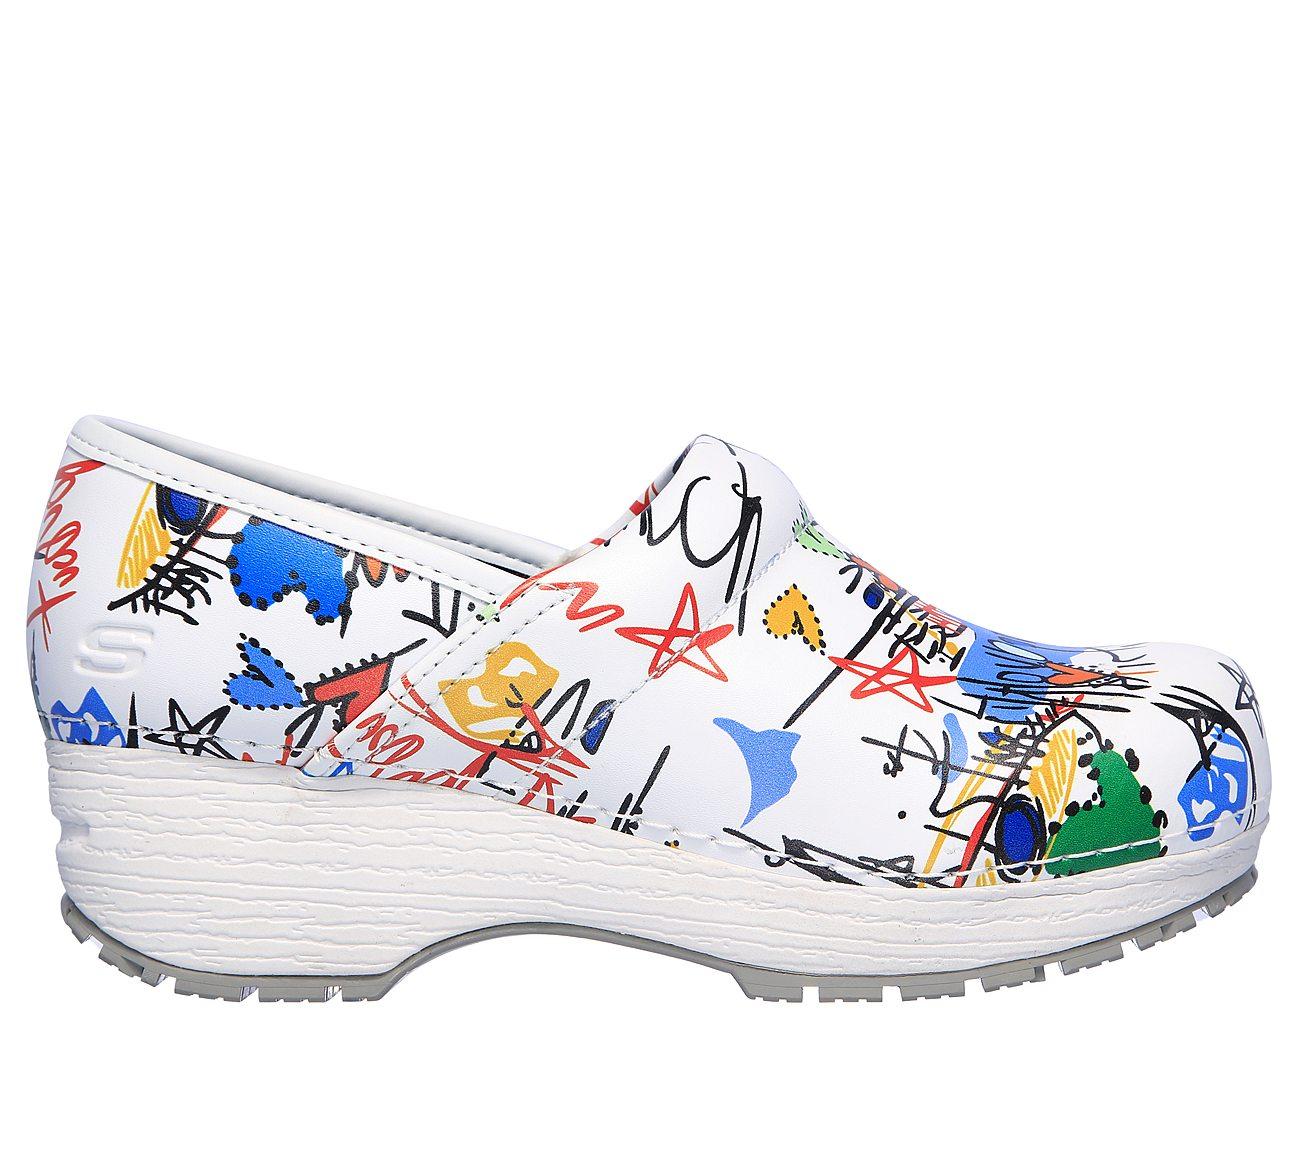 Buy SKECHERS Work: Clog SR Work Shoes